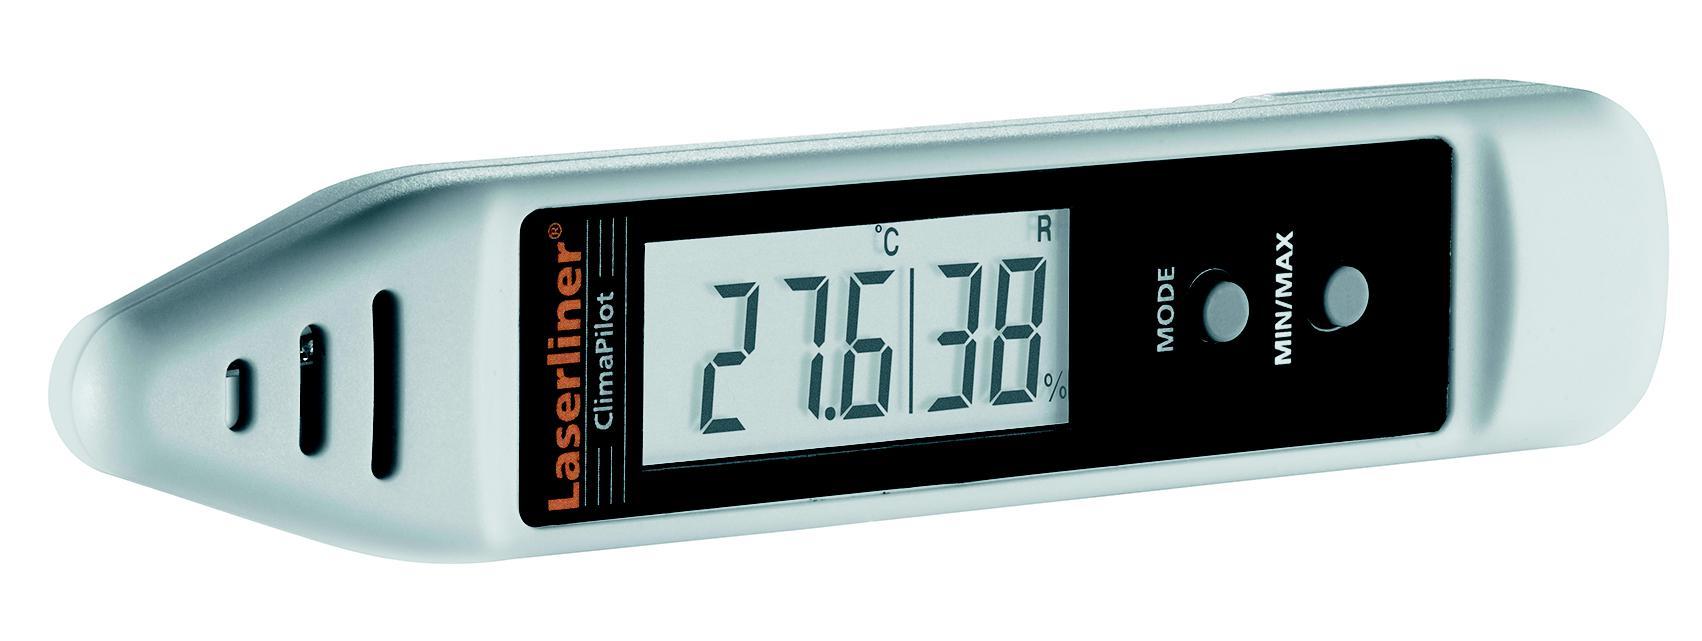 Влагомер Laserliner Climapilot 082.034a термогигрометр настольный мегеон 20207 диапазон –50 70 °с погрешность ±1 0°с